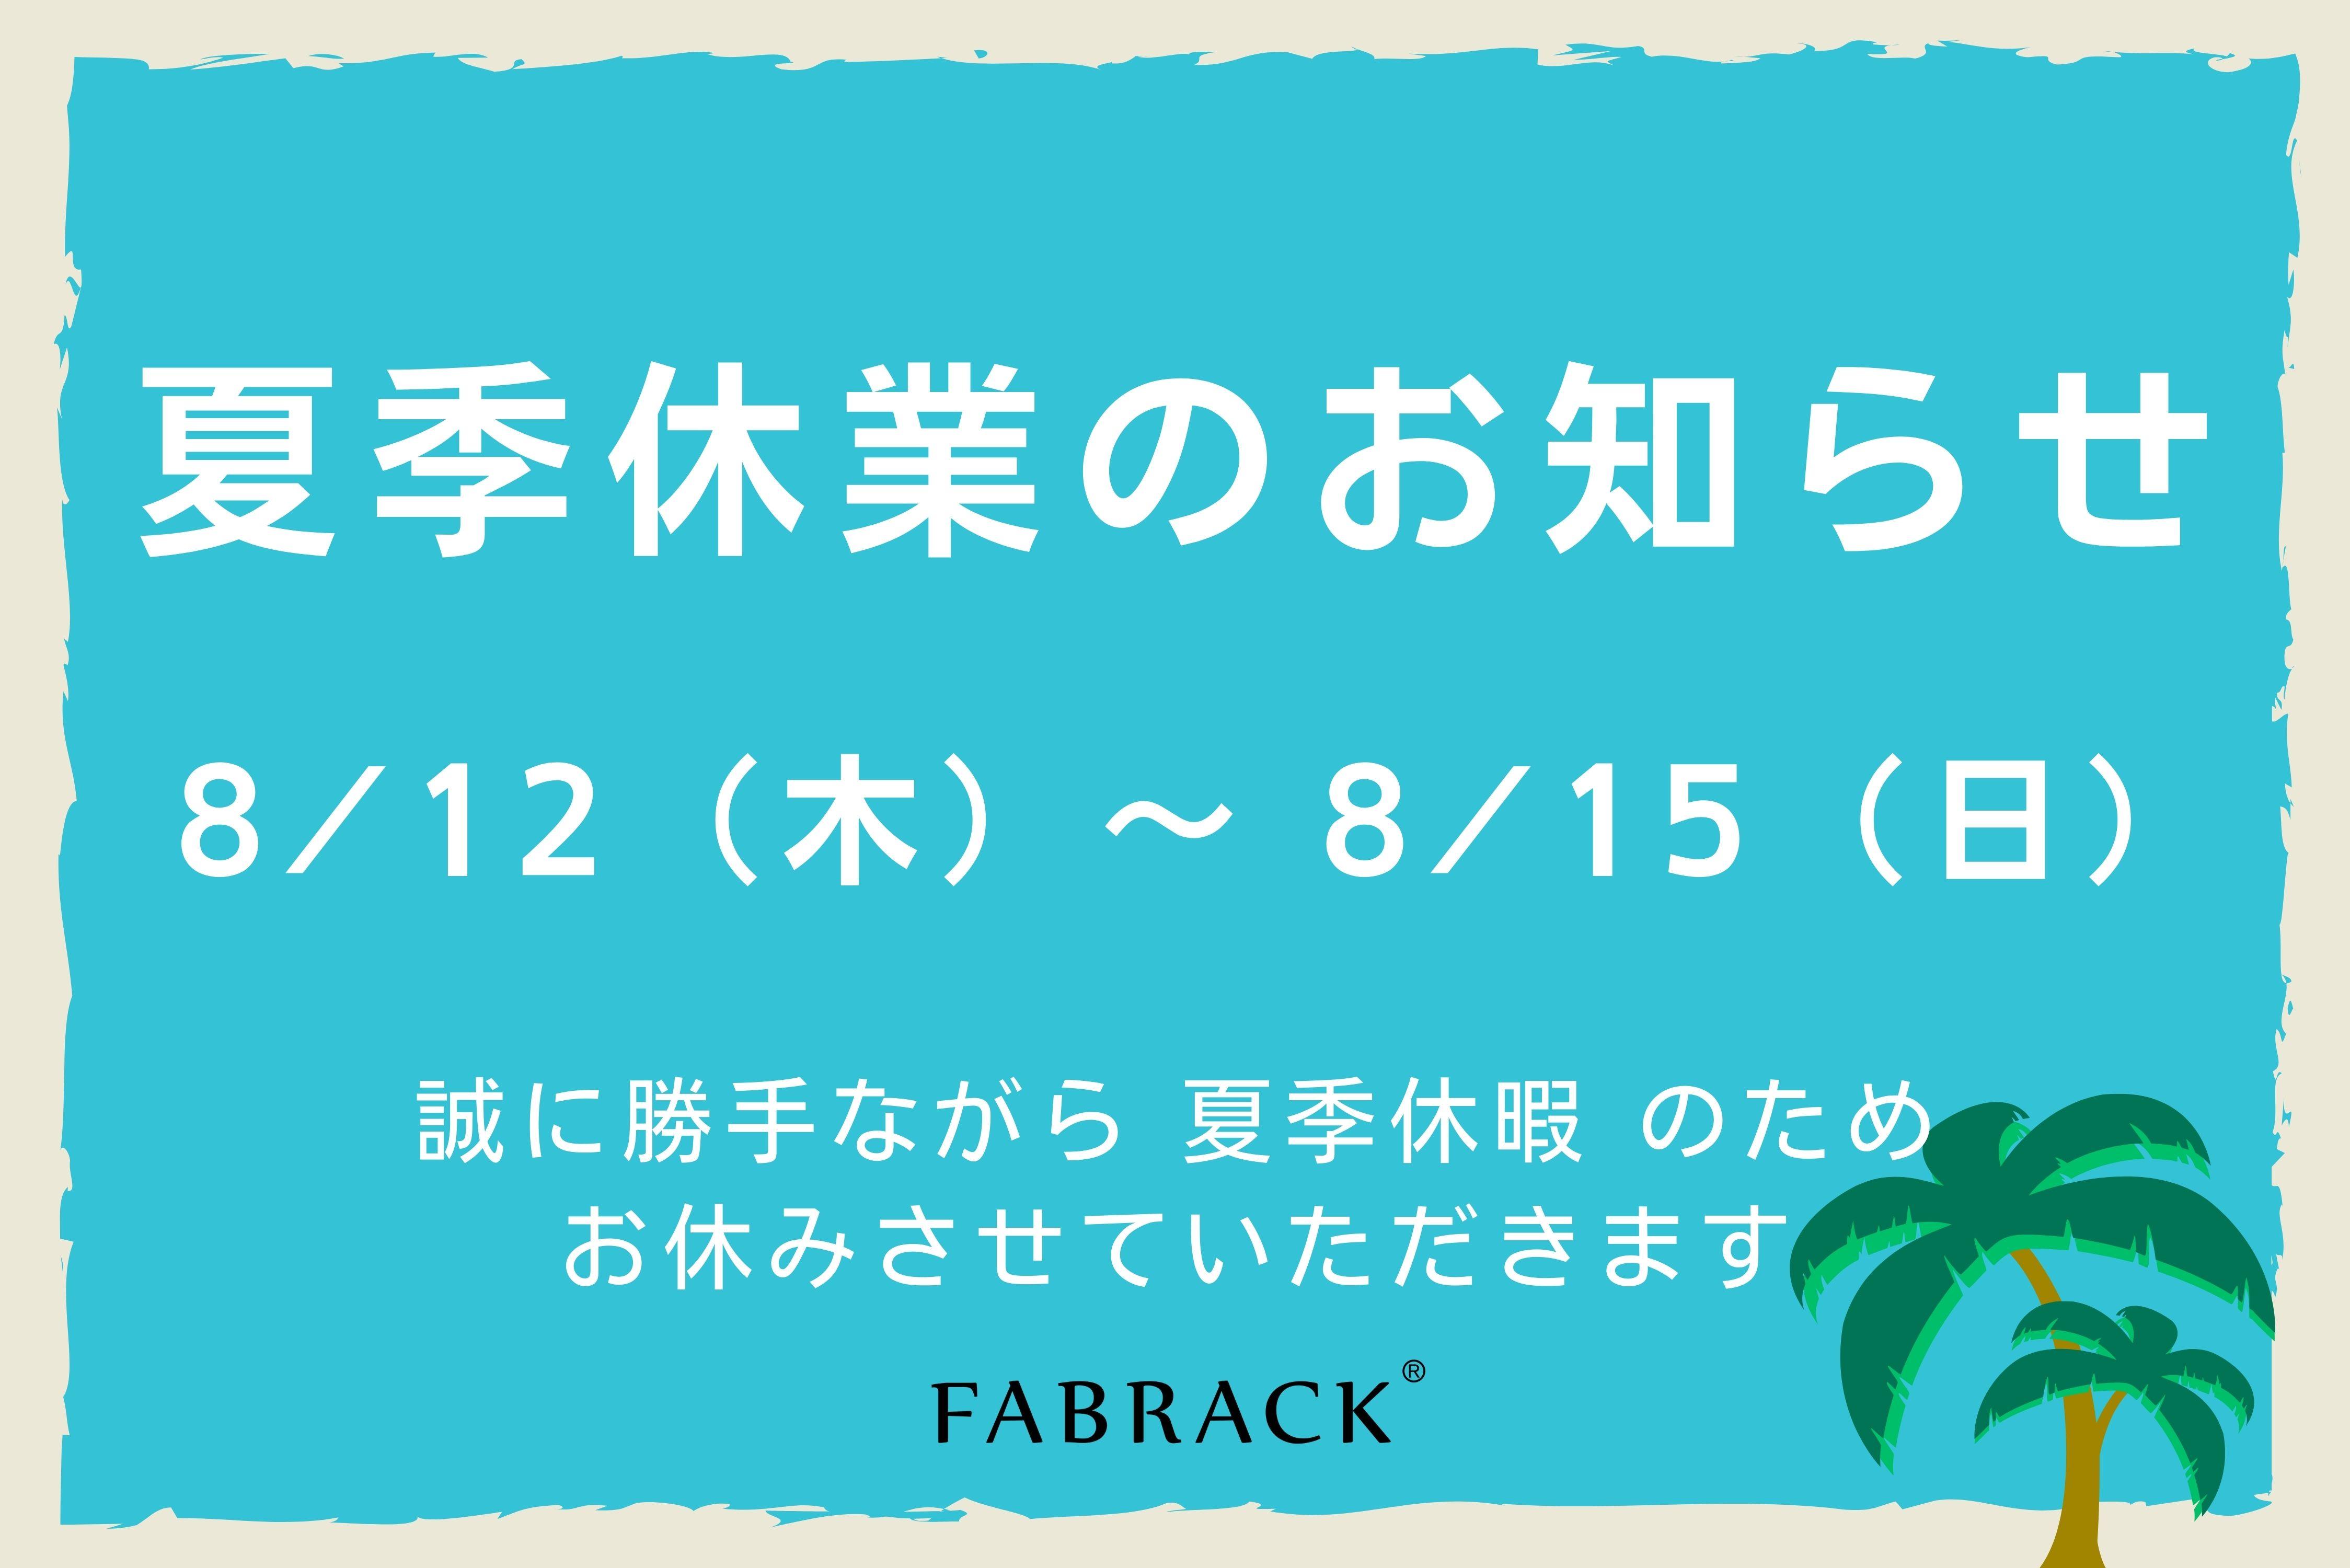 夏季休業のお知らせ(休業期間:8/12~8/15)